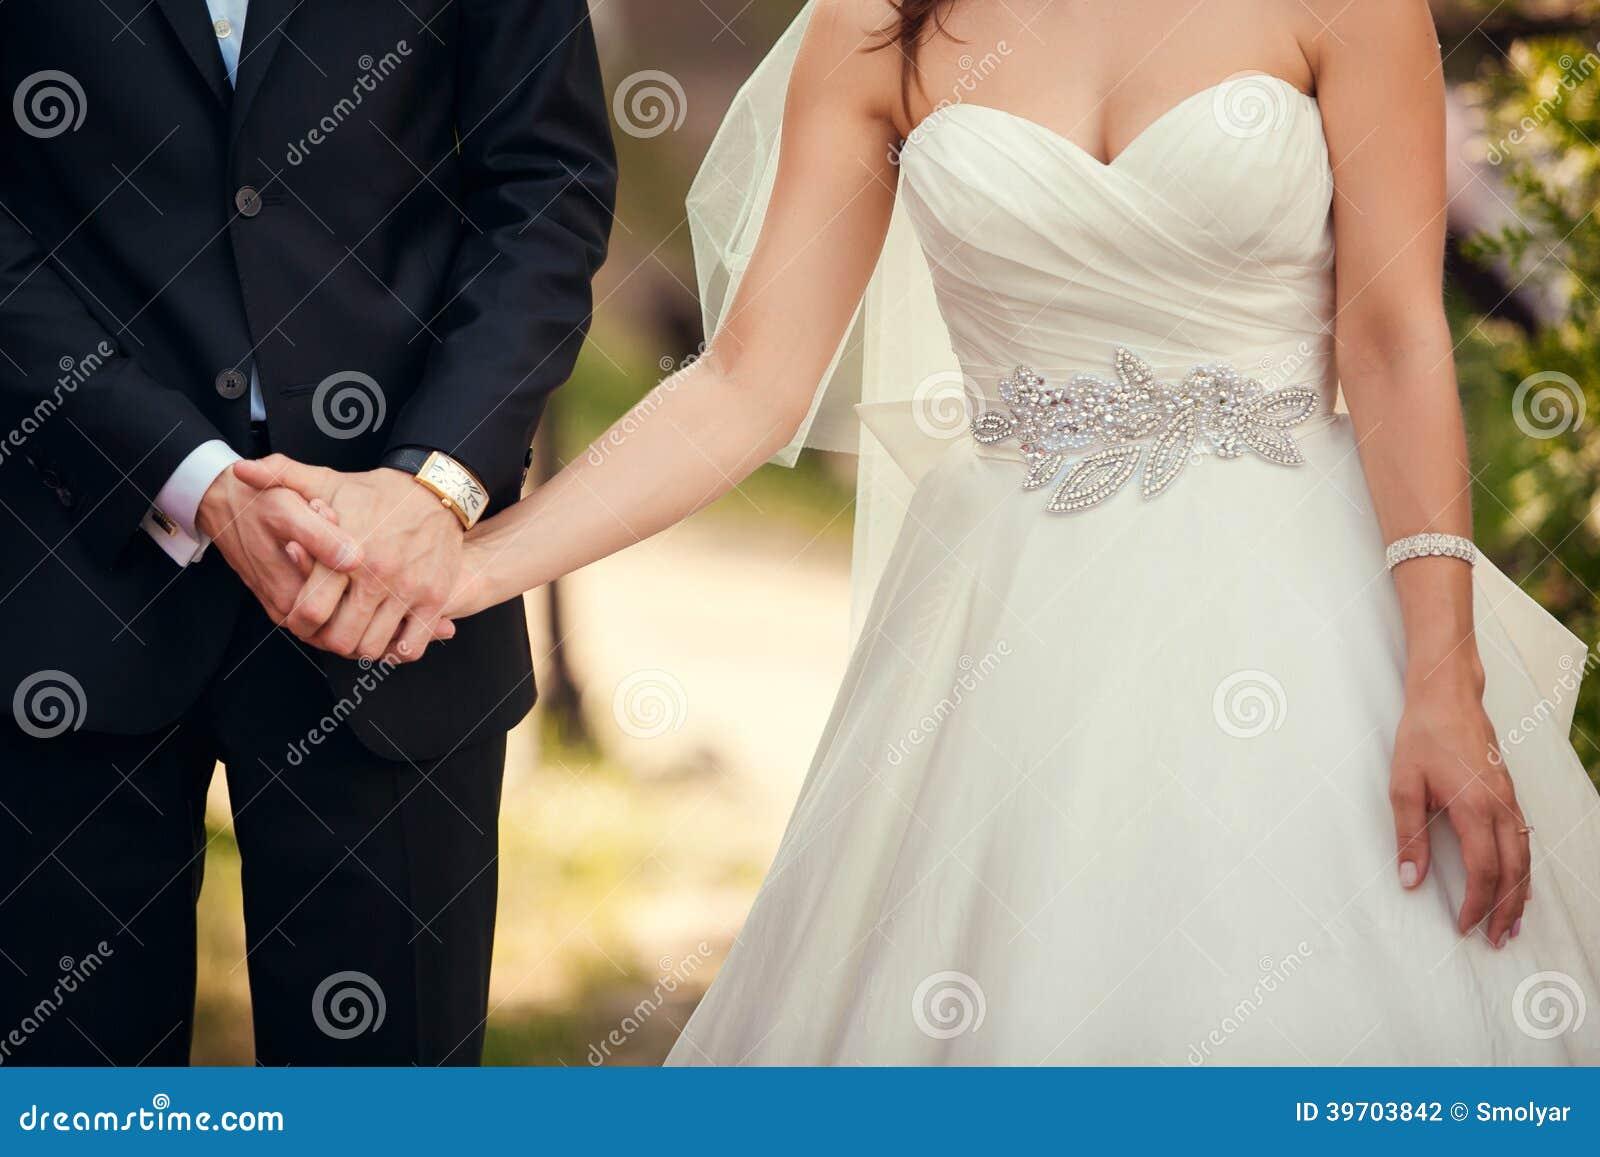 De close-up van het huwelijkspaar tijdens openluchthuwelijksceremonie